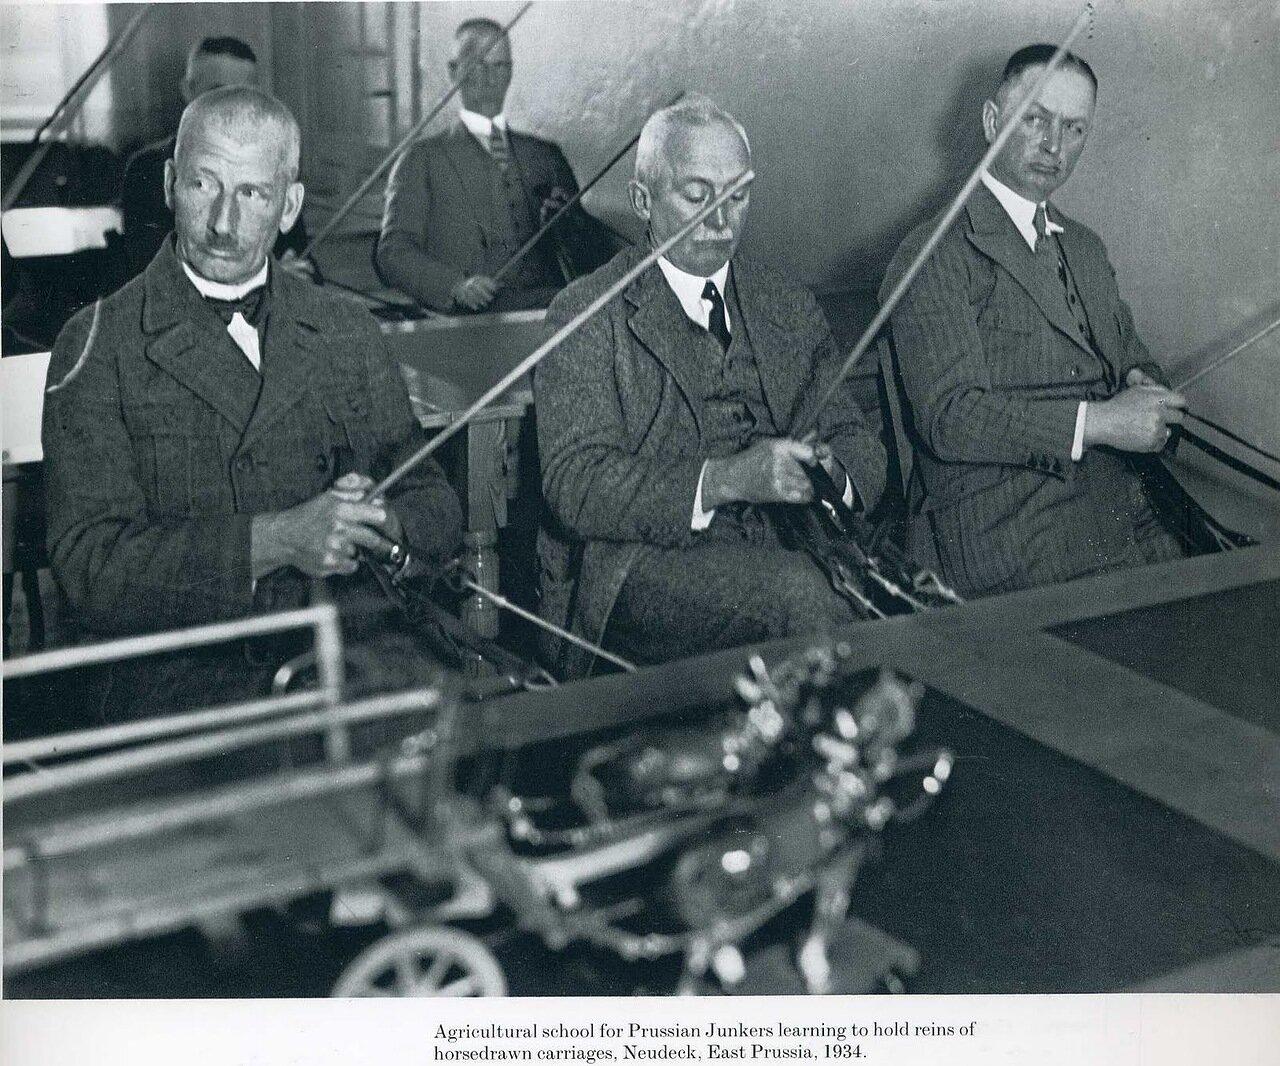 1934. Сельскохозяйственная школа для прусских юнкеров обучает правилам пользования вожжами